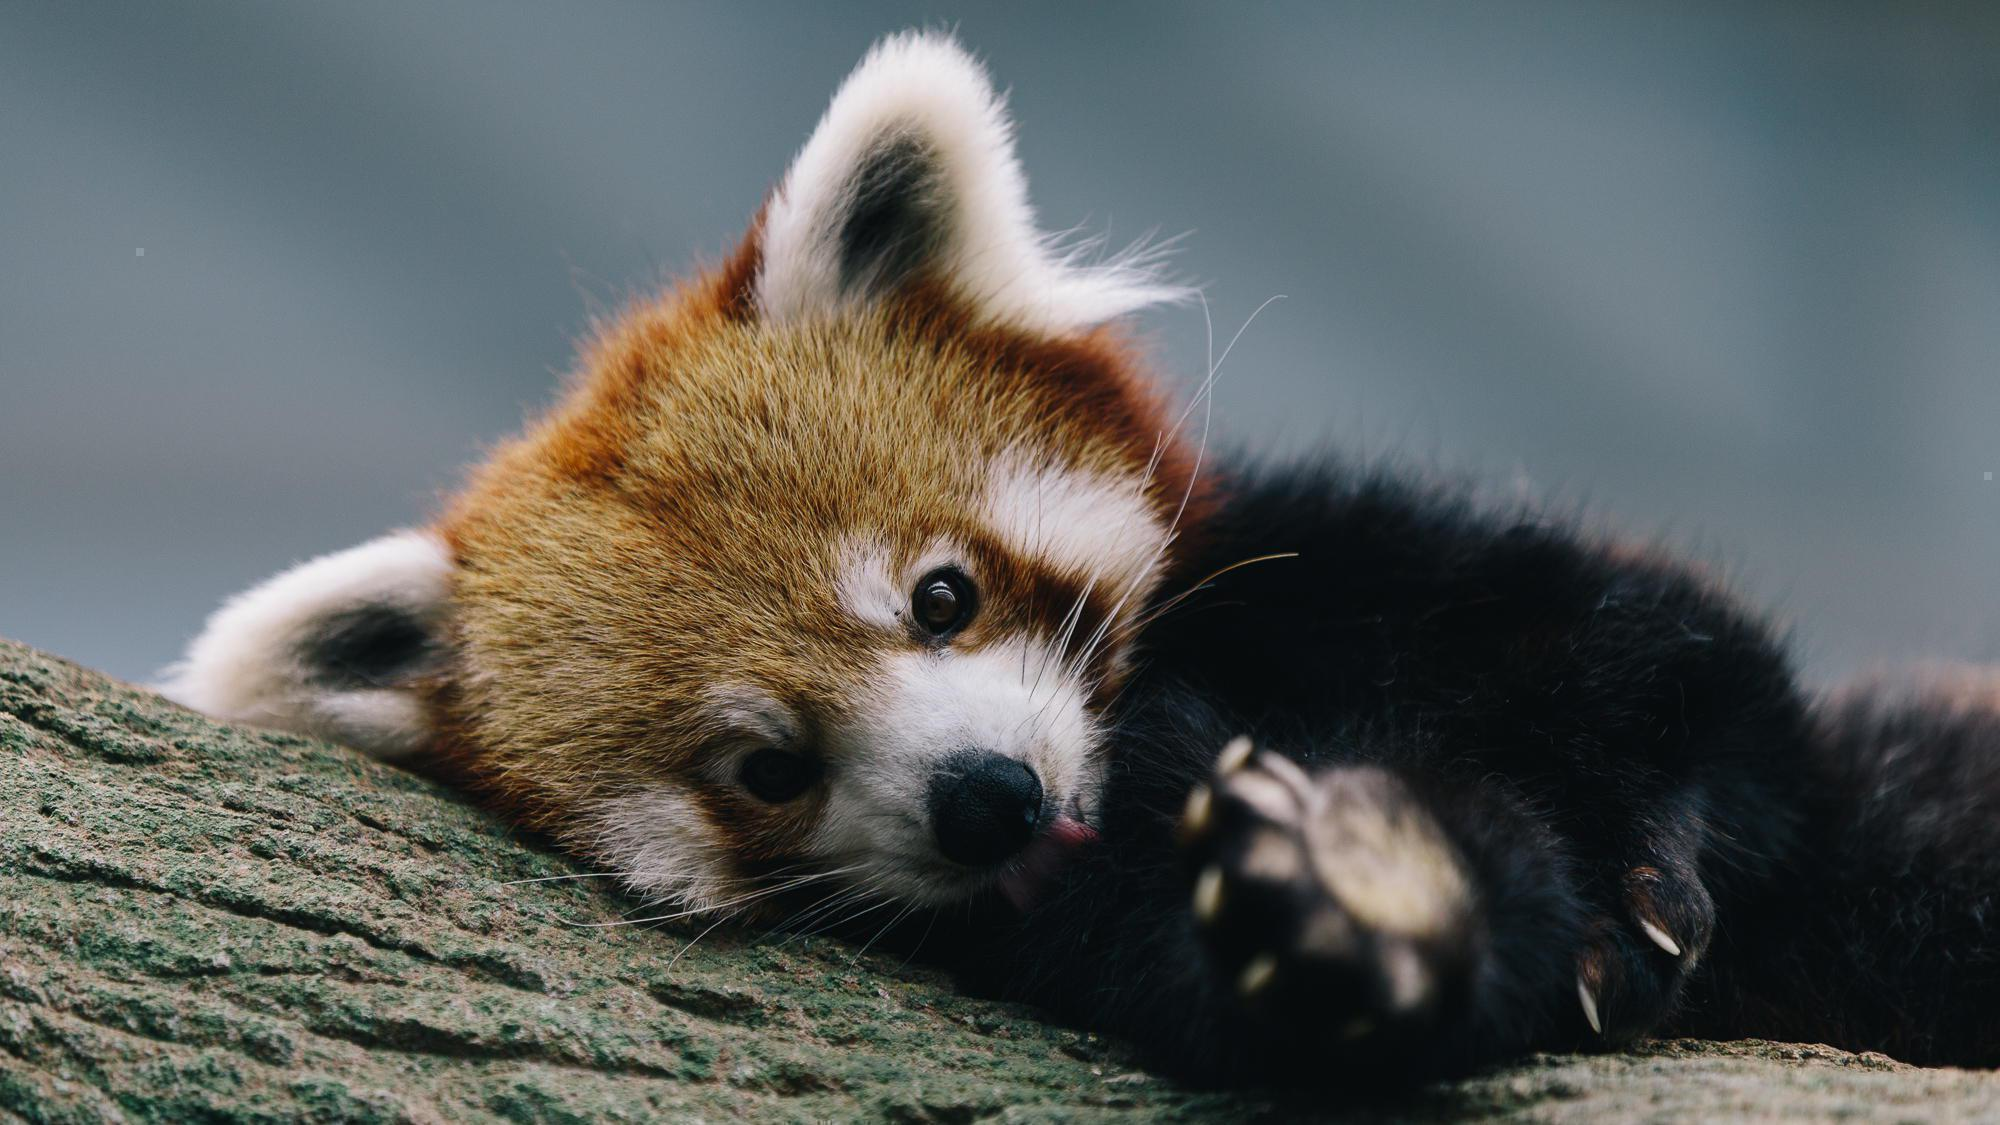 1920x1080 Cute Baby Panda Wallpaper 65 Images